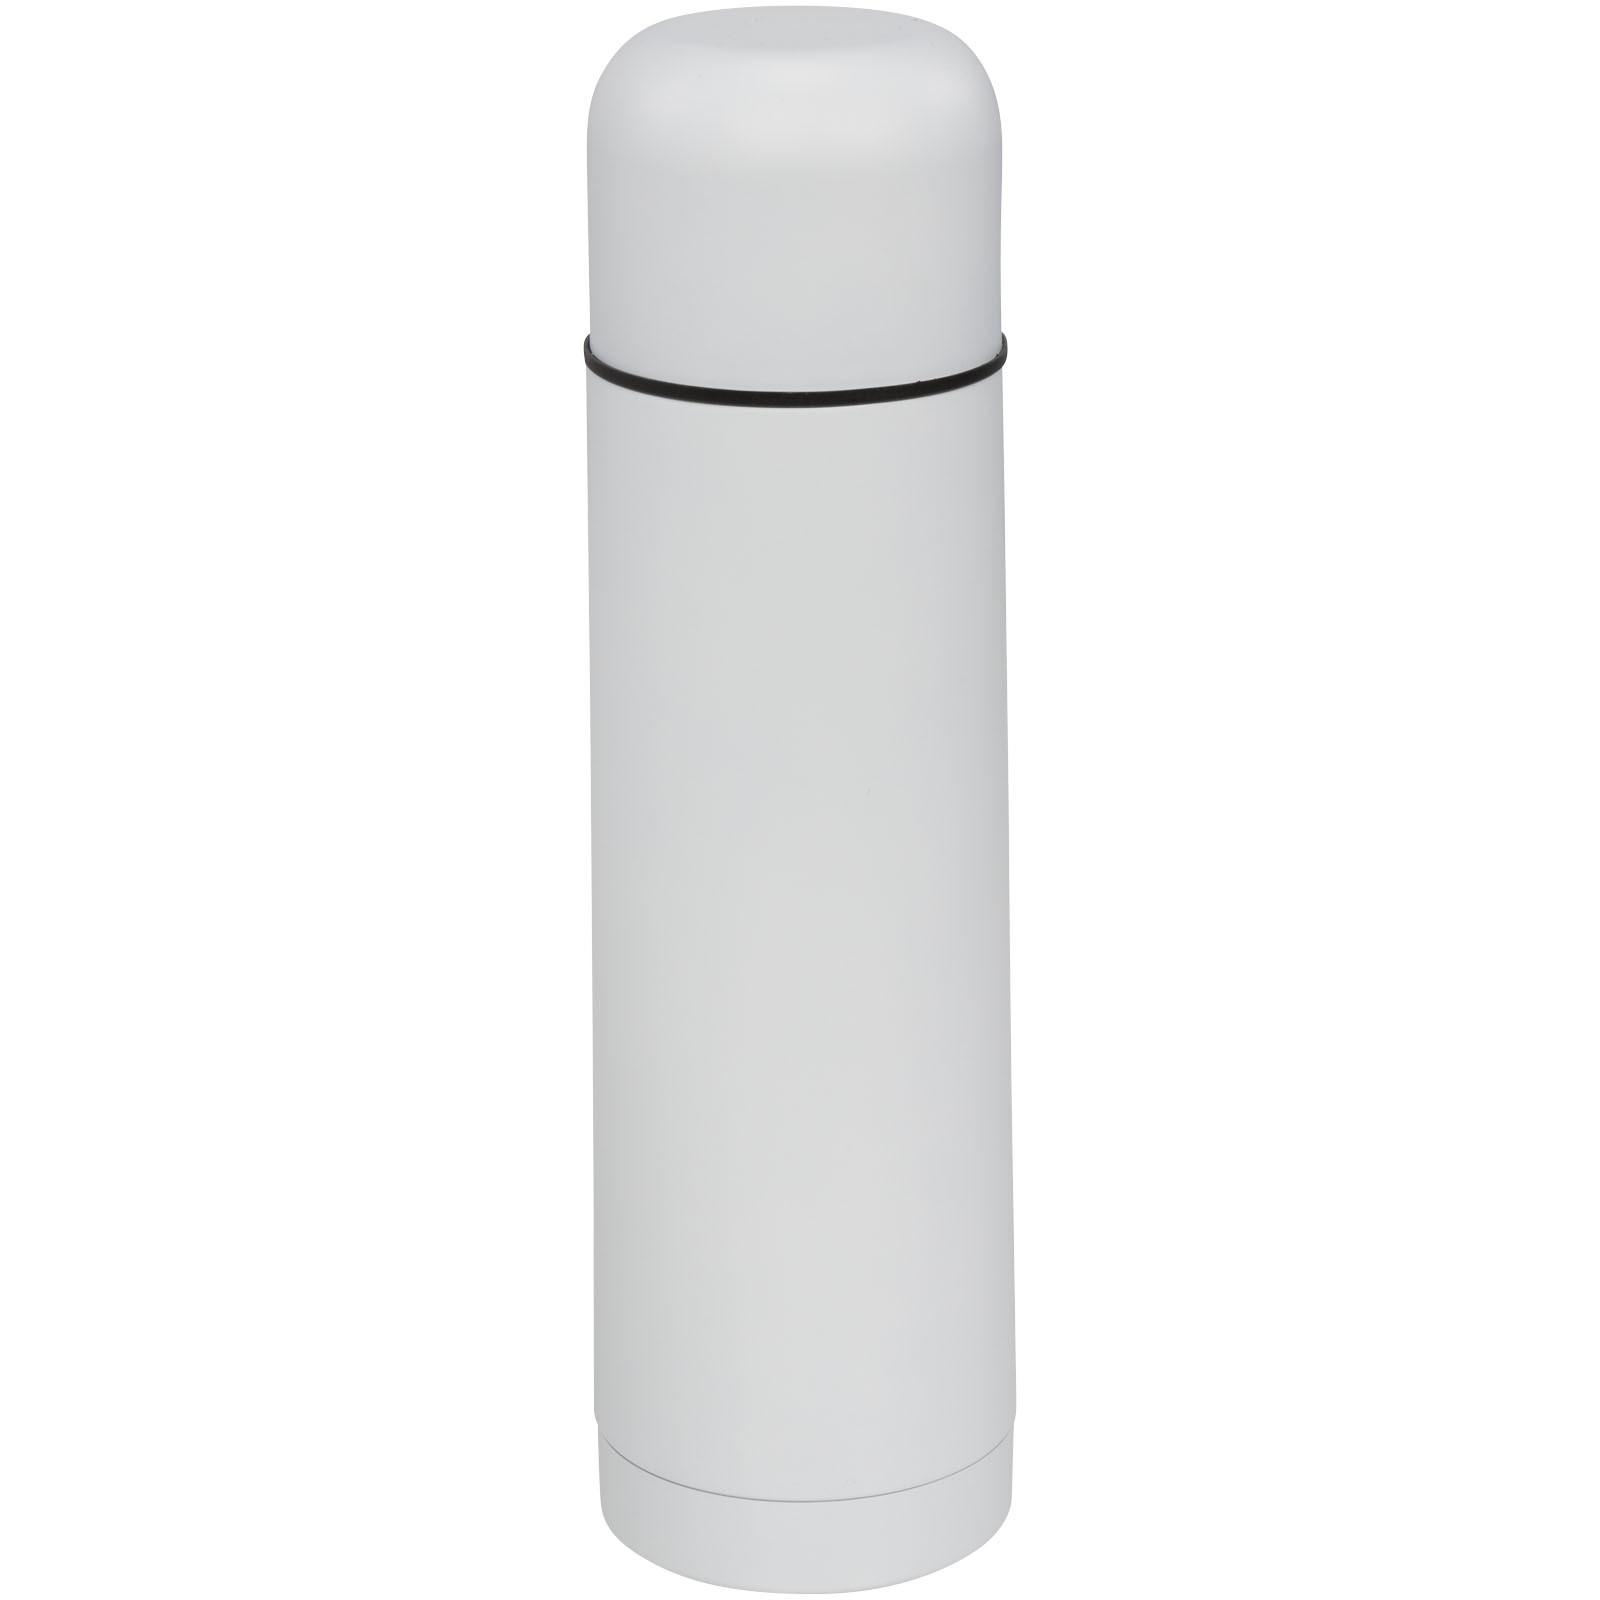 Gallup 500 ml matte Kupfer-Vakuum Isolierflasche - Weiss